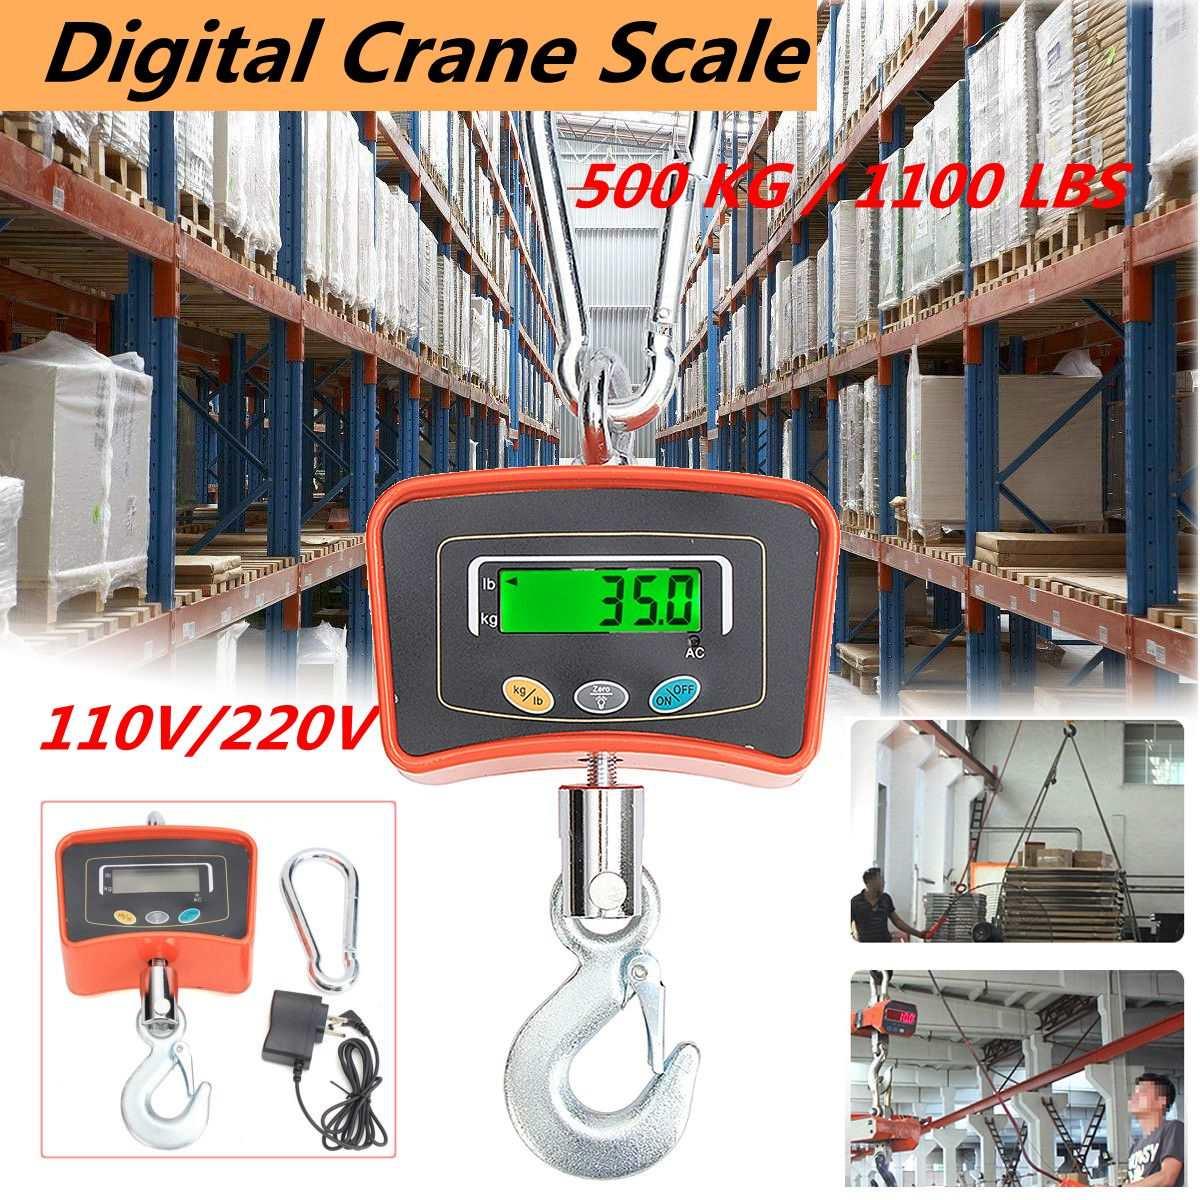 500 kg/1100 LBS escala de la grúa Digital 110 V/220 V pesado Industrial Escala electrónica balanza herramientas